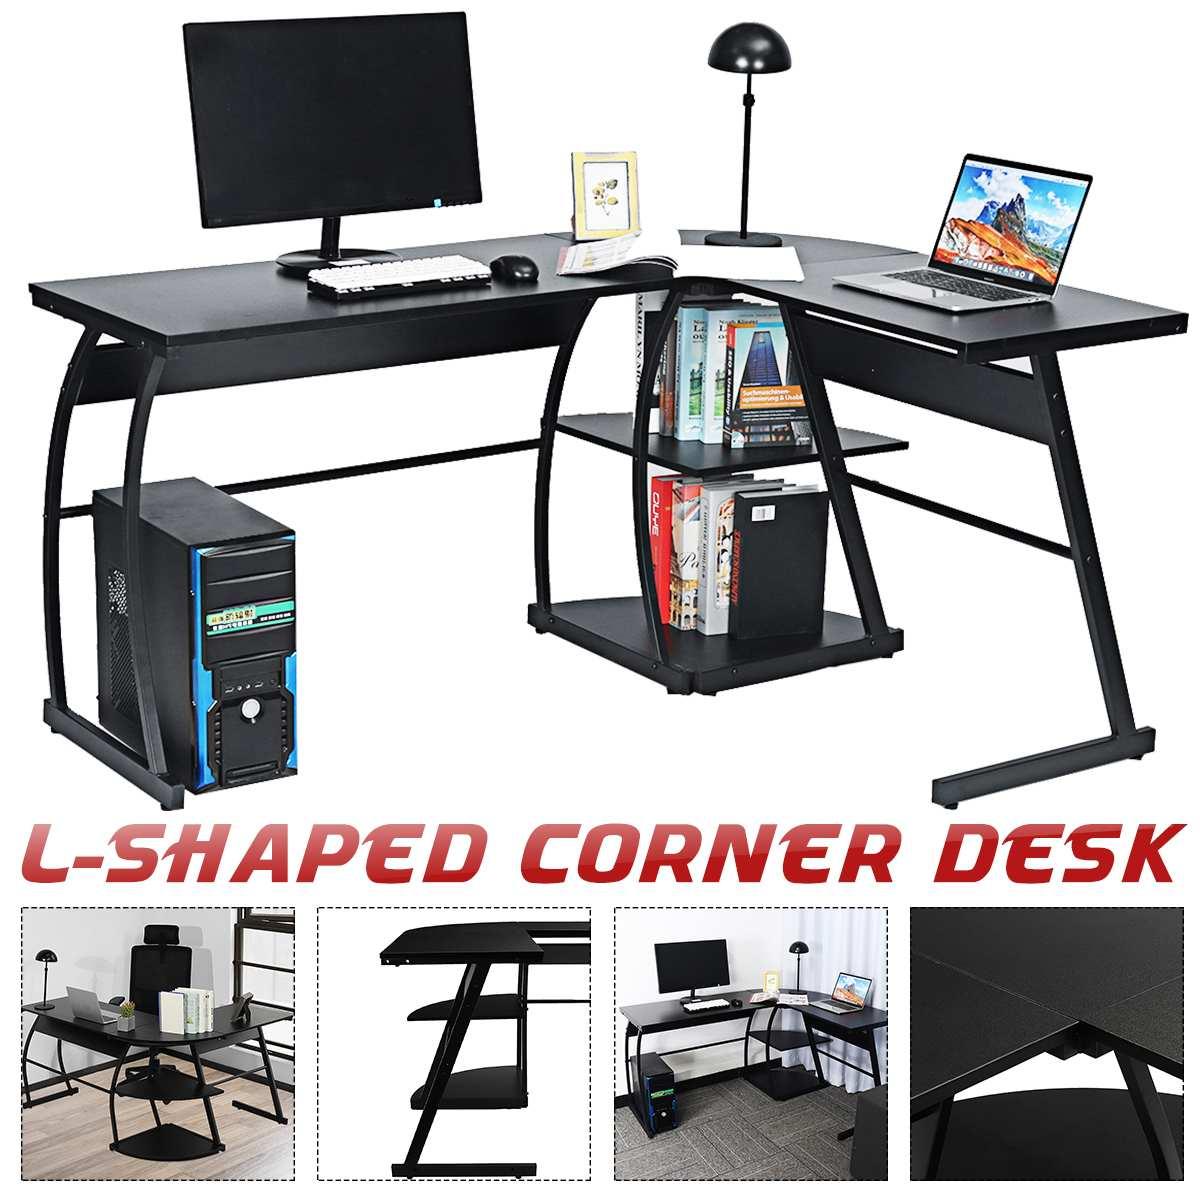 1 قطعة الوظائف L على شكل مكتب الزاوية كبيرة الكمبيوتر المحمول دراسة الألعاب الجدول محطة المنزل مكتب الأثاث